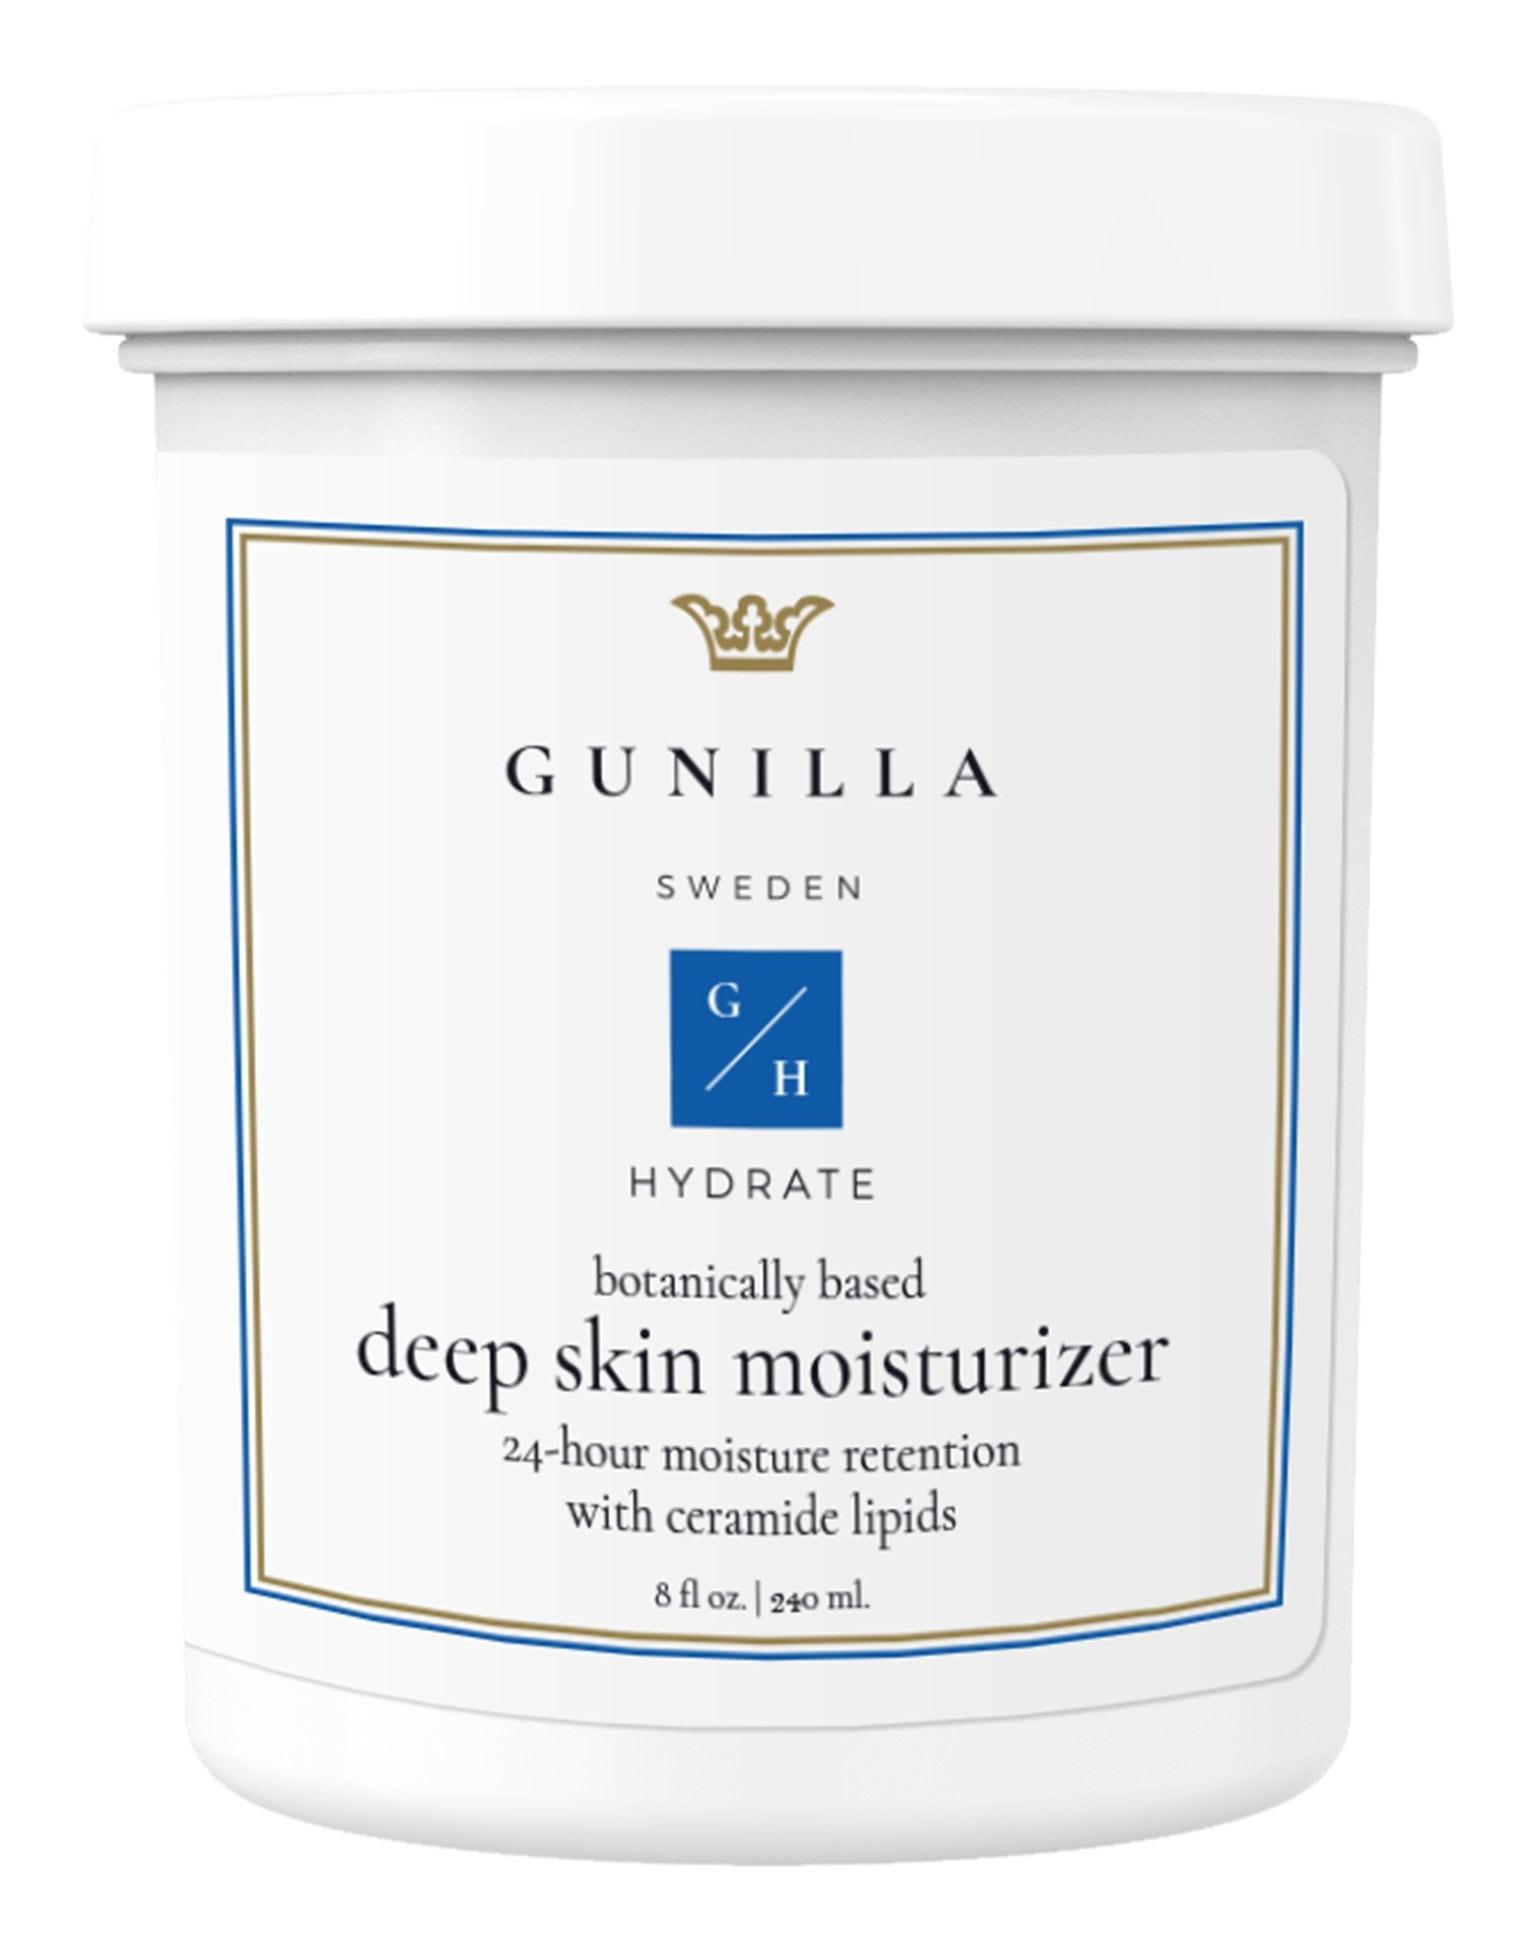 Gunilla Deep Skin Moisturizer With Ceramides